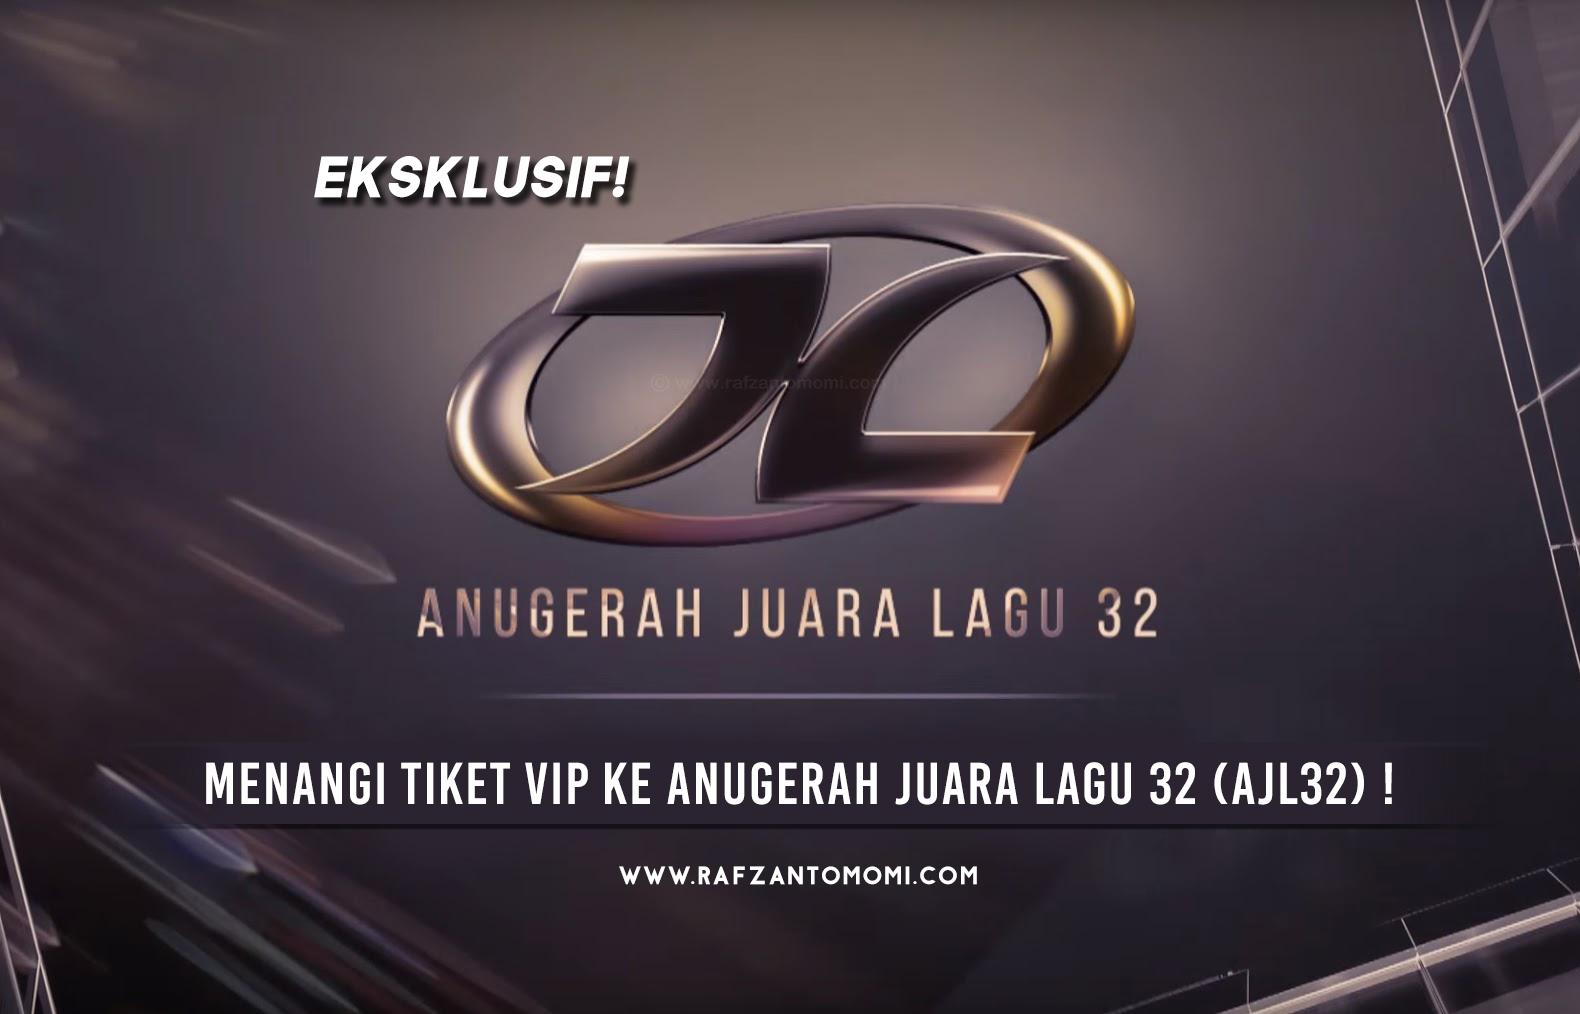 Eksklusif - Menangi Tiket VIP Ke Anugerah Juara Lagu 32 (AJL32) !